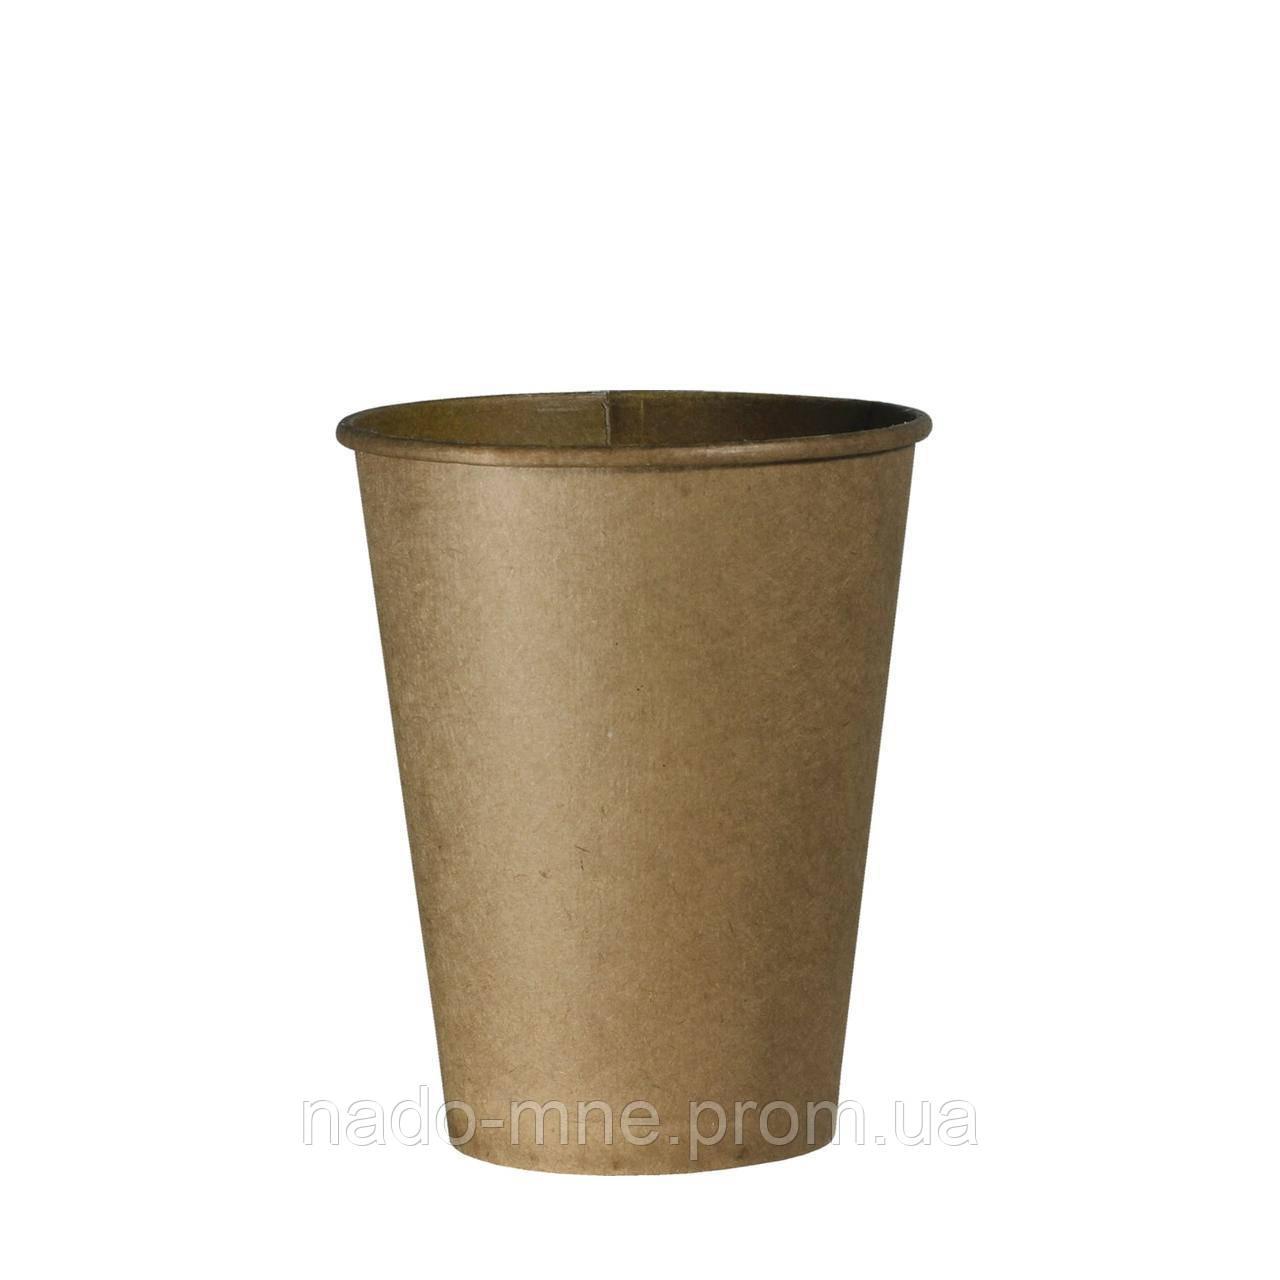 Стакан бумажный Крафт 250мл, 50шт/уп  (КВ79)